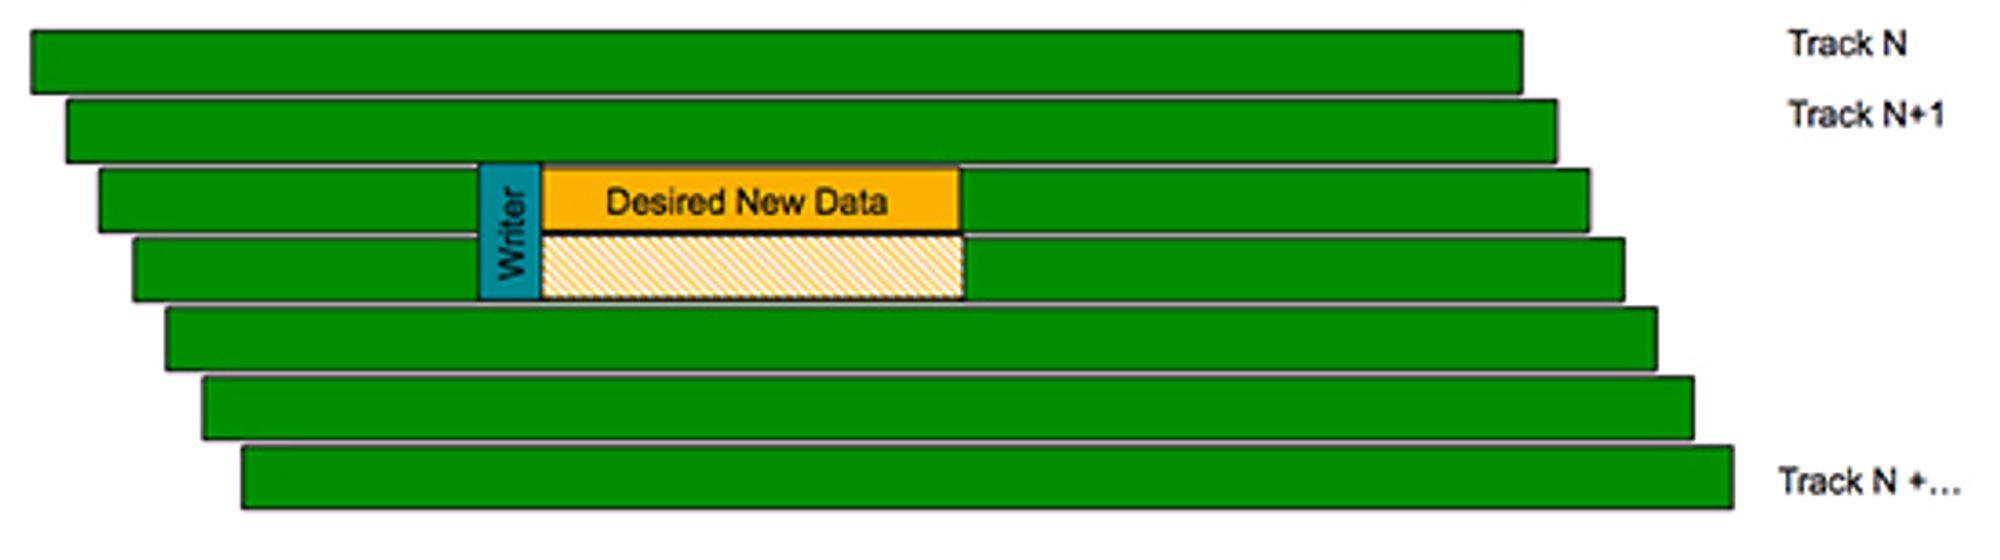 Skriving til ett spor lager problemer for omliggende data.